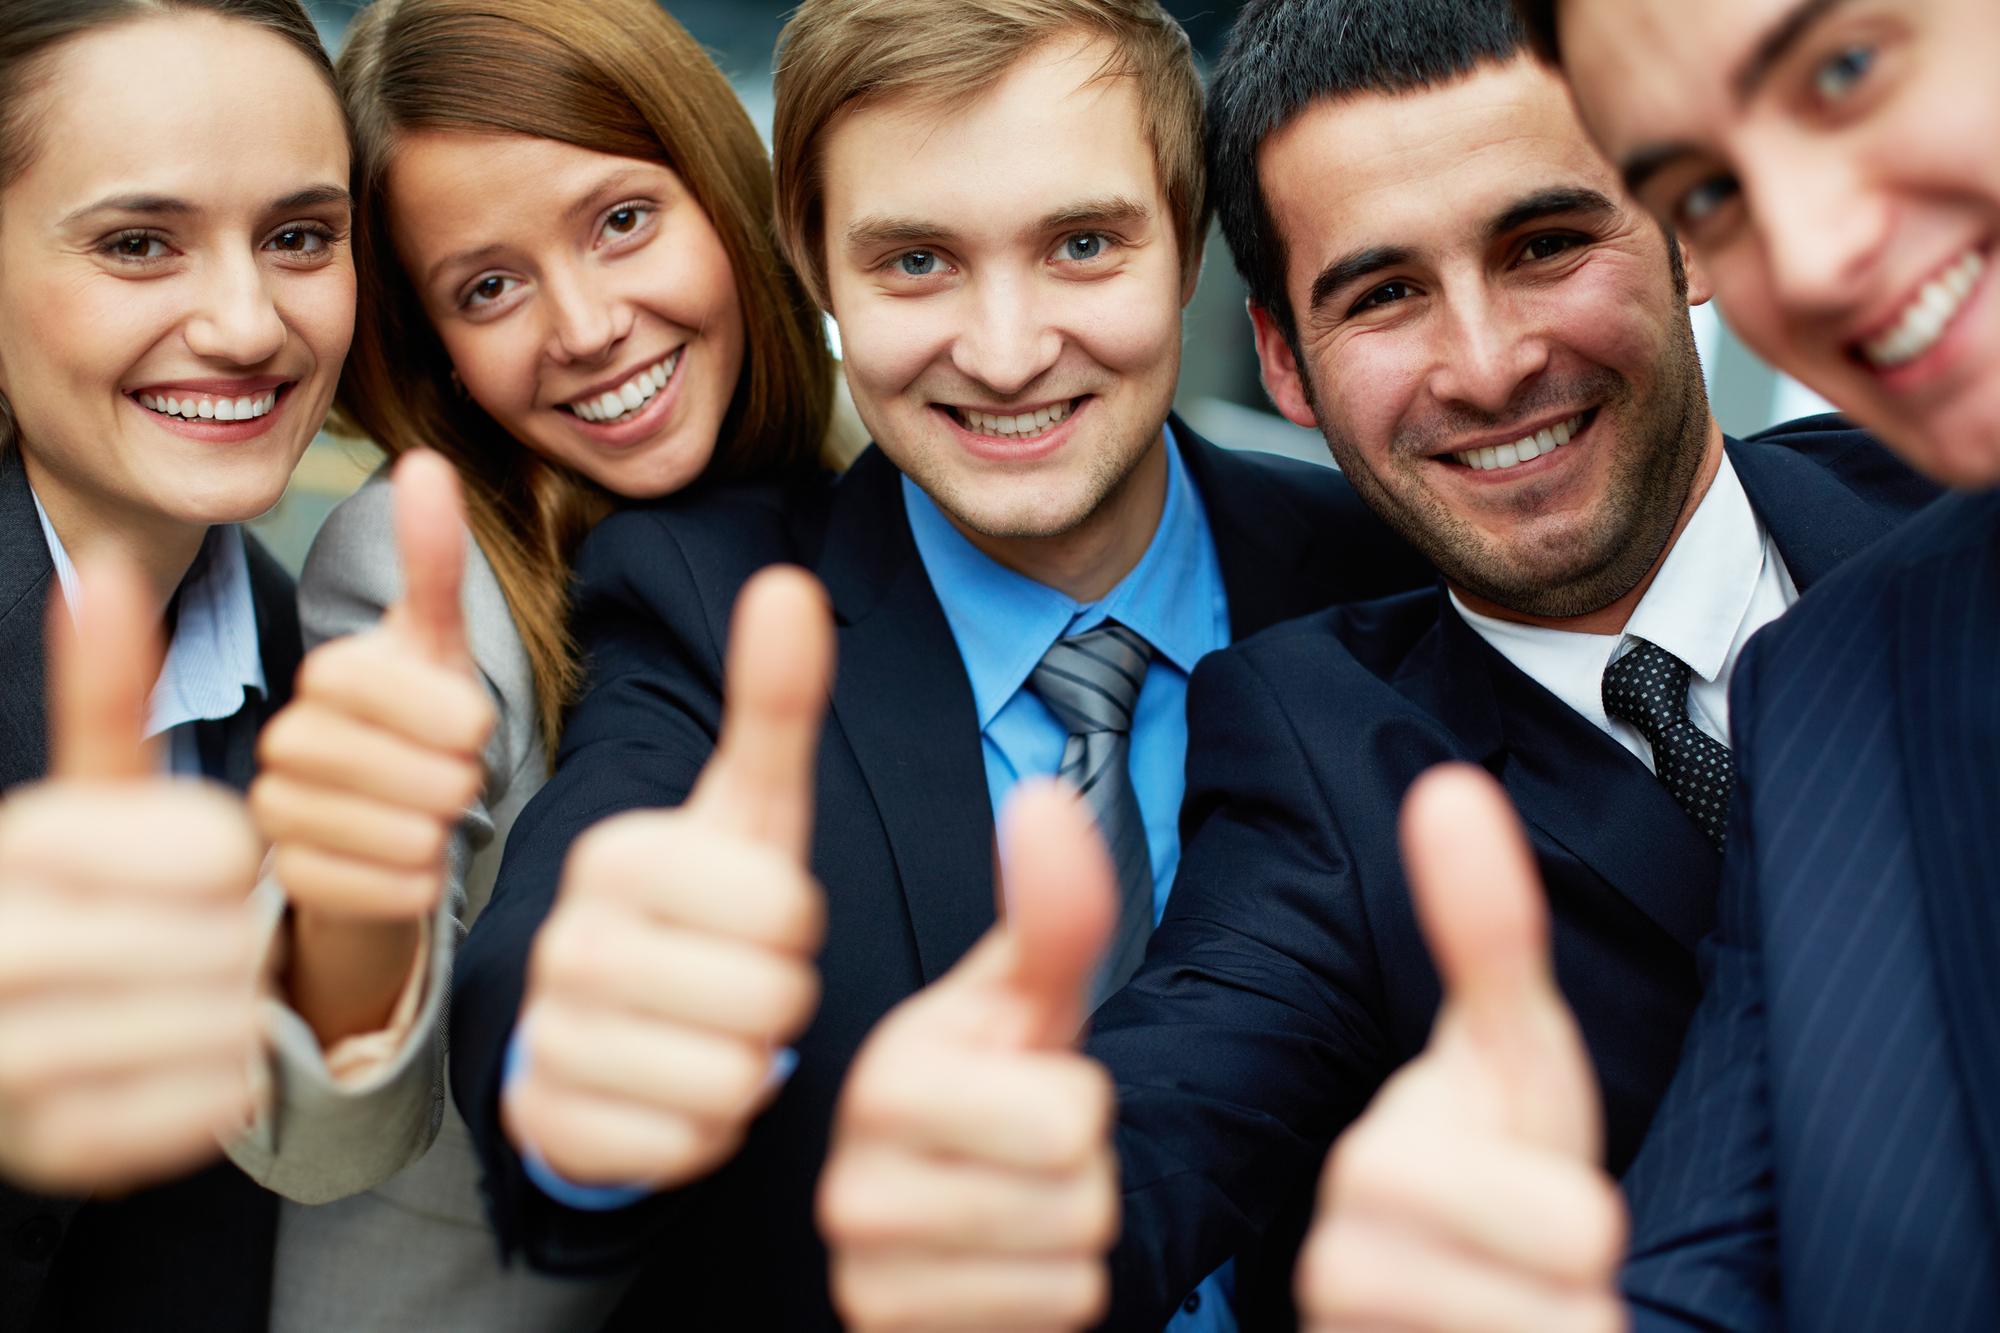 картинки довольные клиенты бизнес это банальной